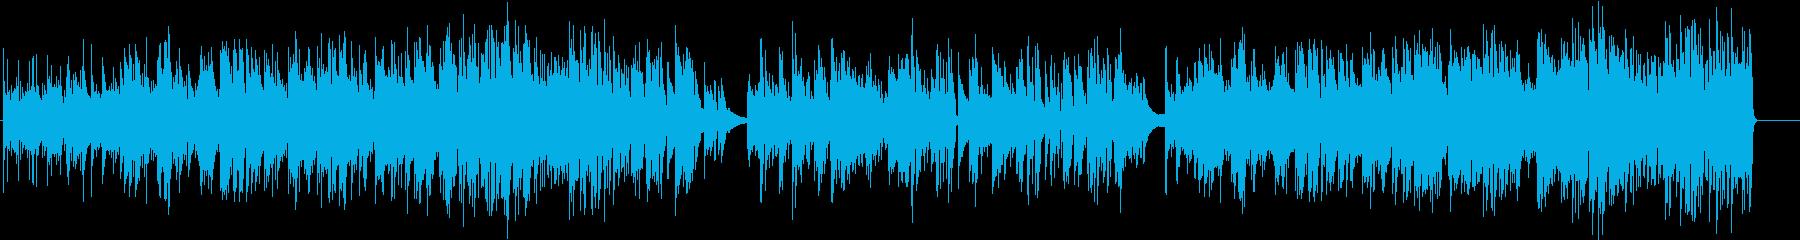 エキゾチック、おしゃれなアコギの再生済みの波形